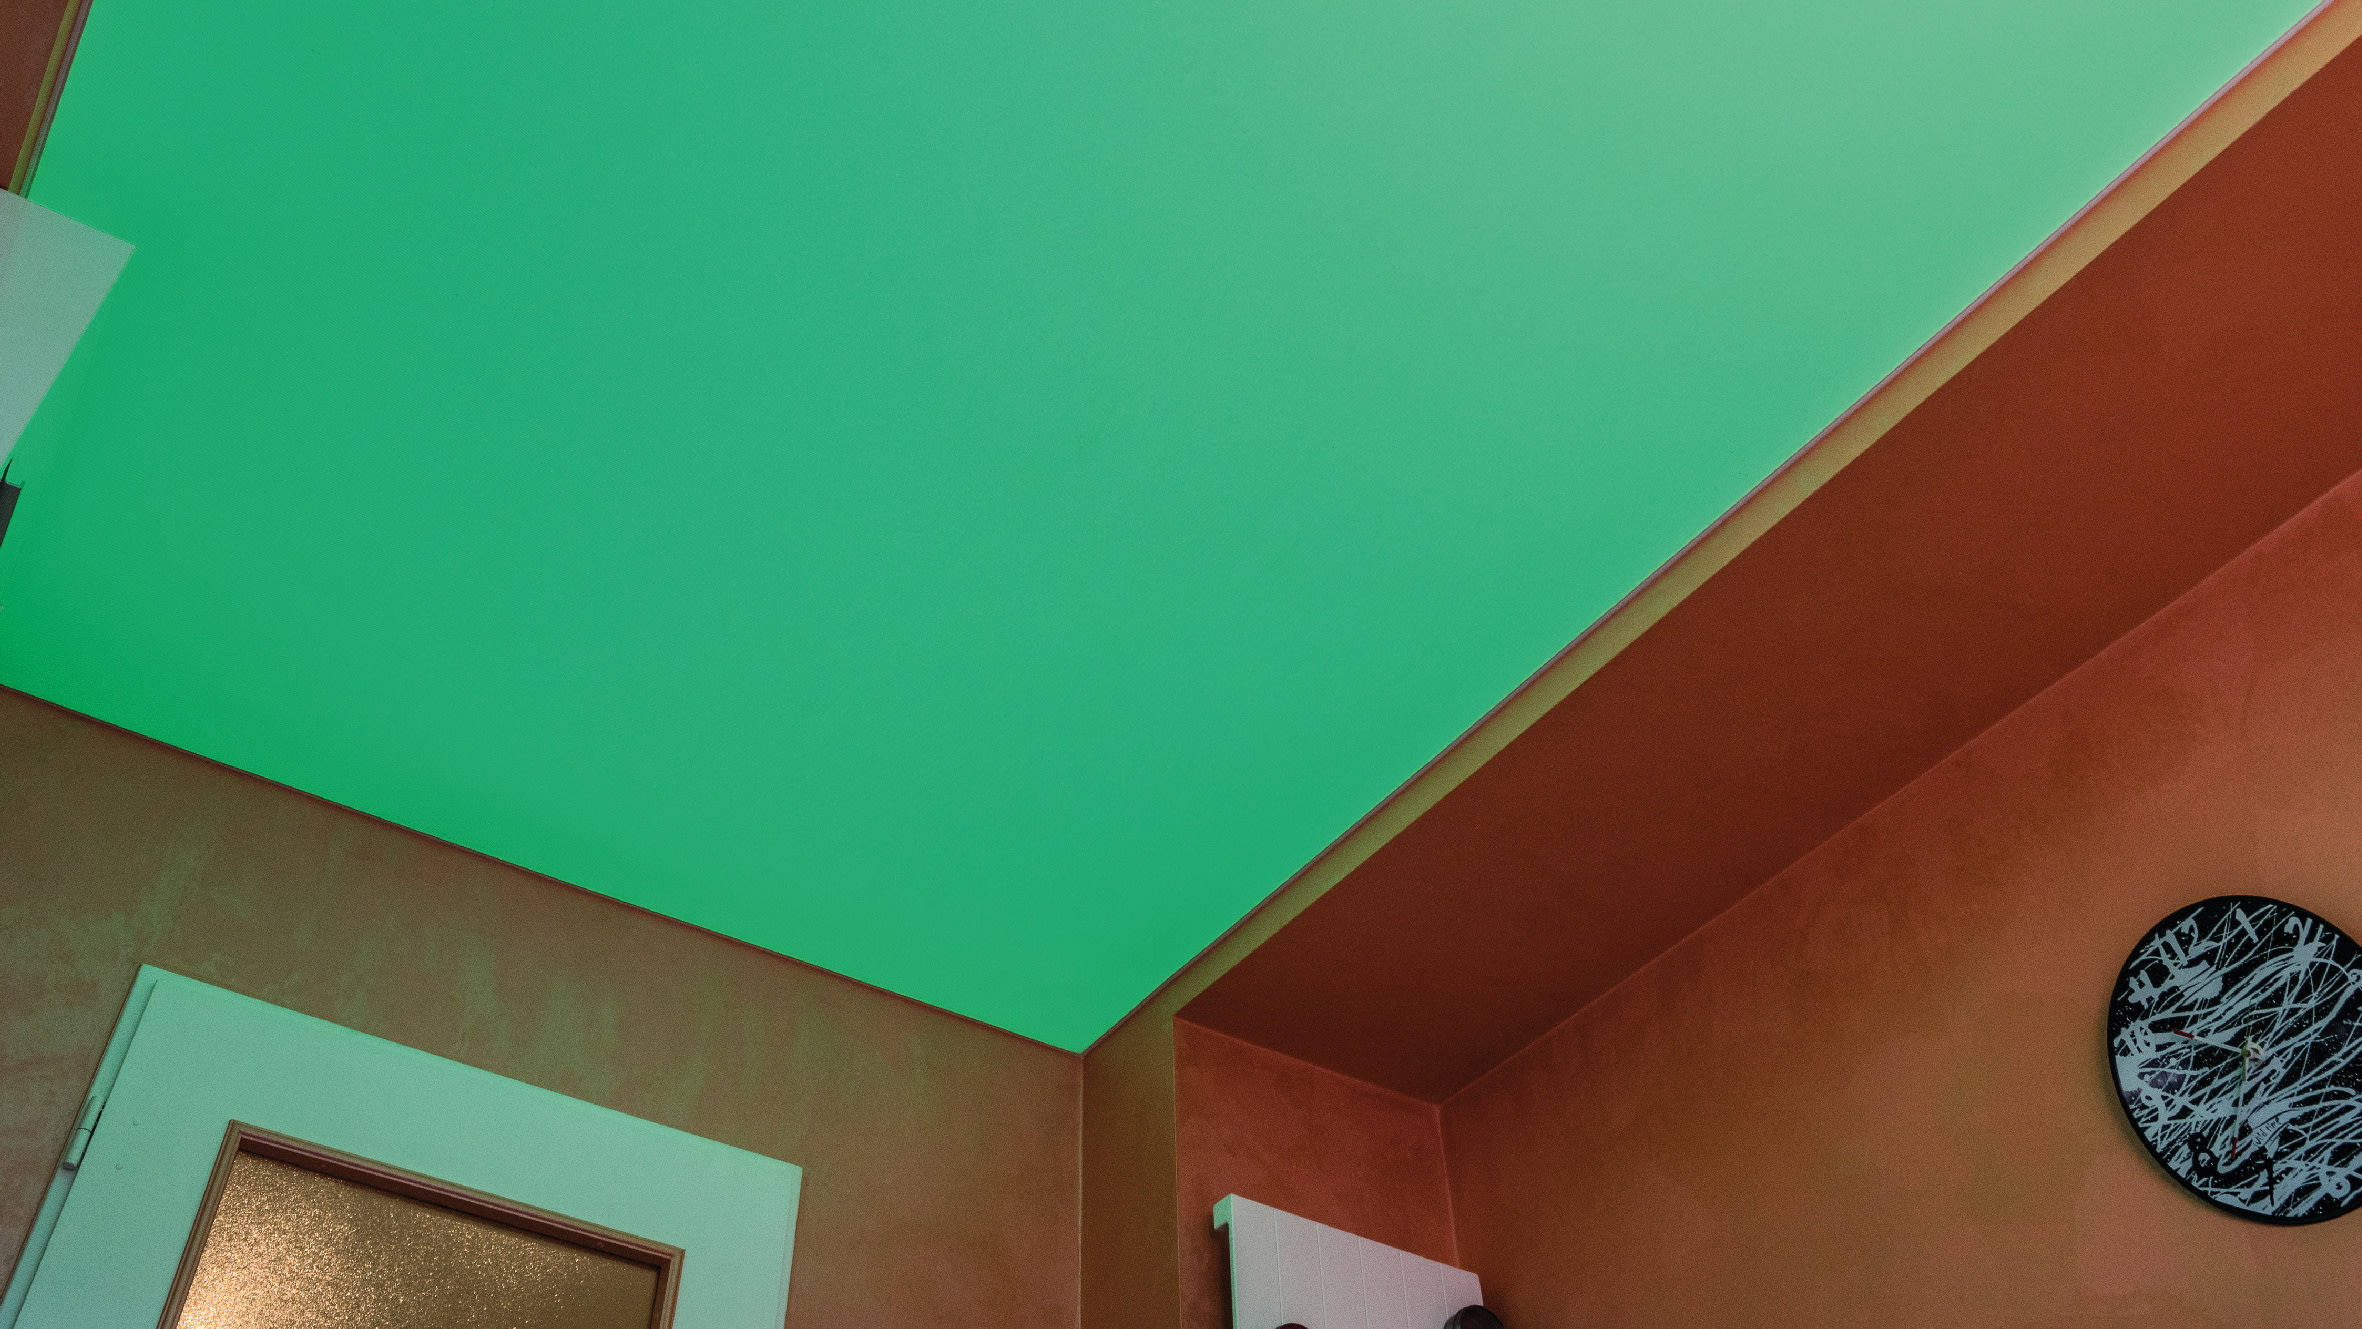 Die Farben sind mit einer Fernbedienung individuell steuerbar, so können Sie die Beleuchtung je nach Stimmung einstellen.